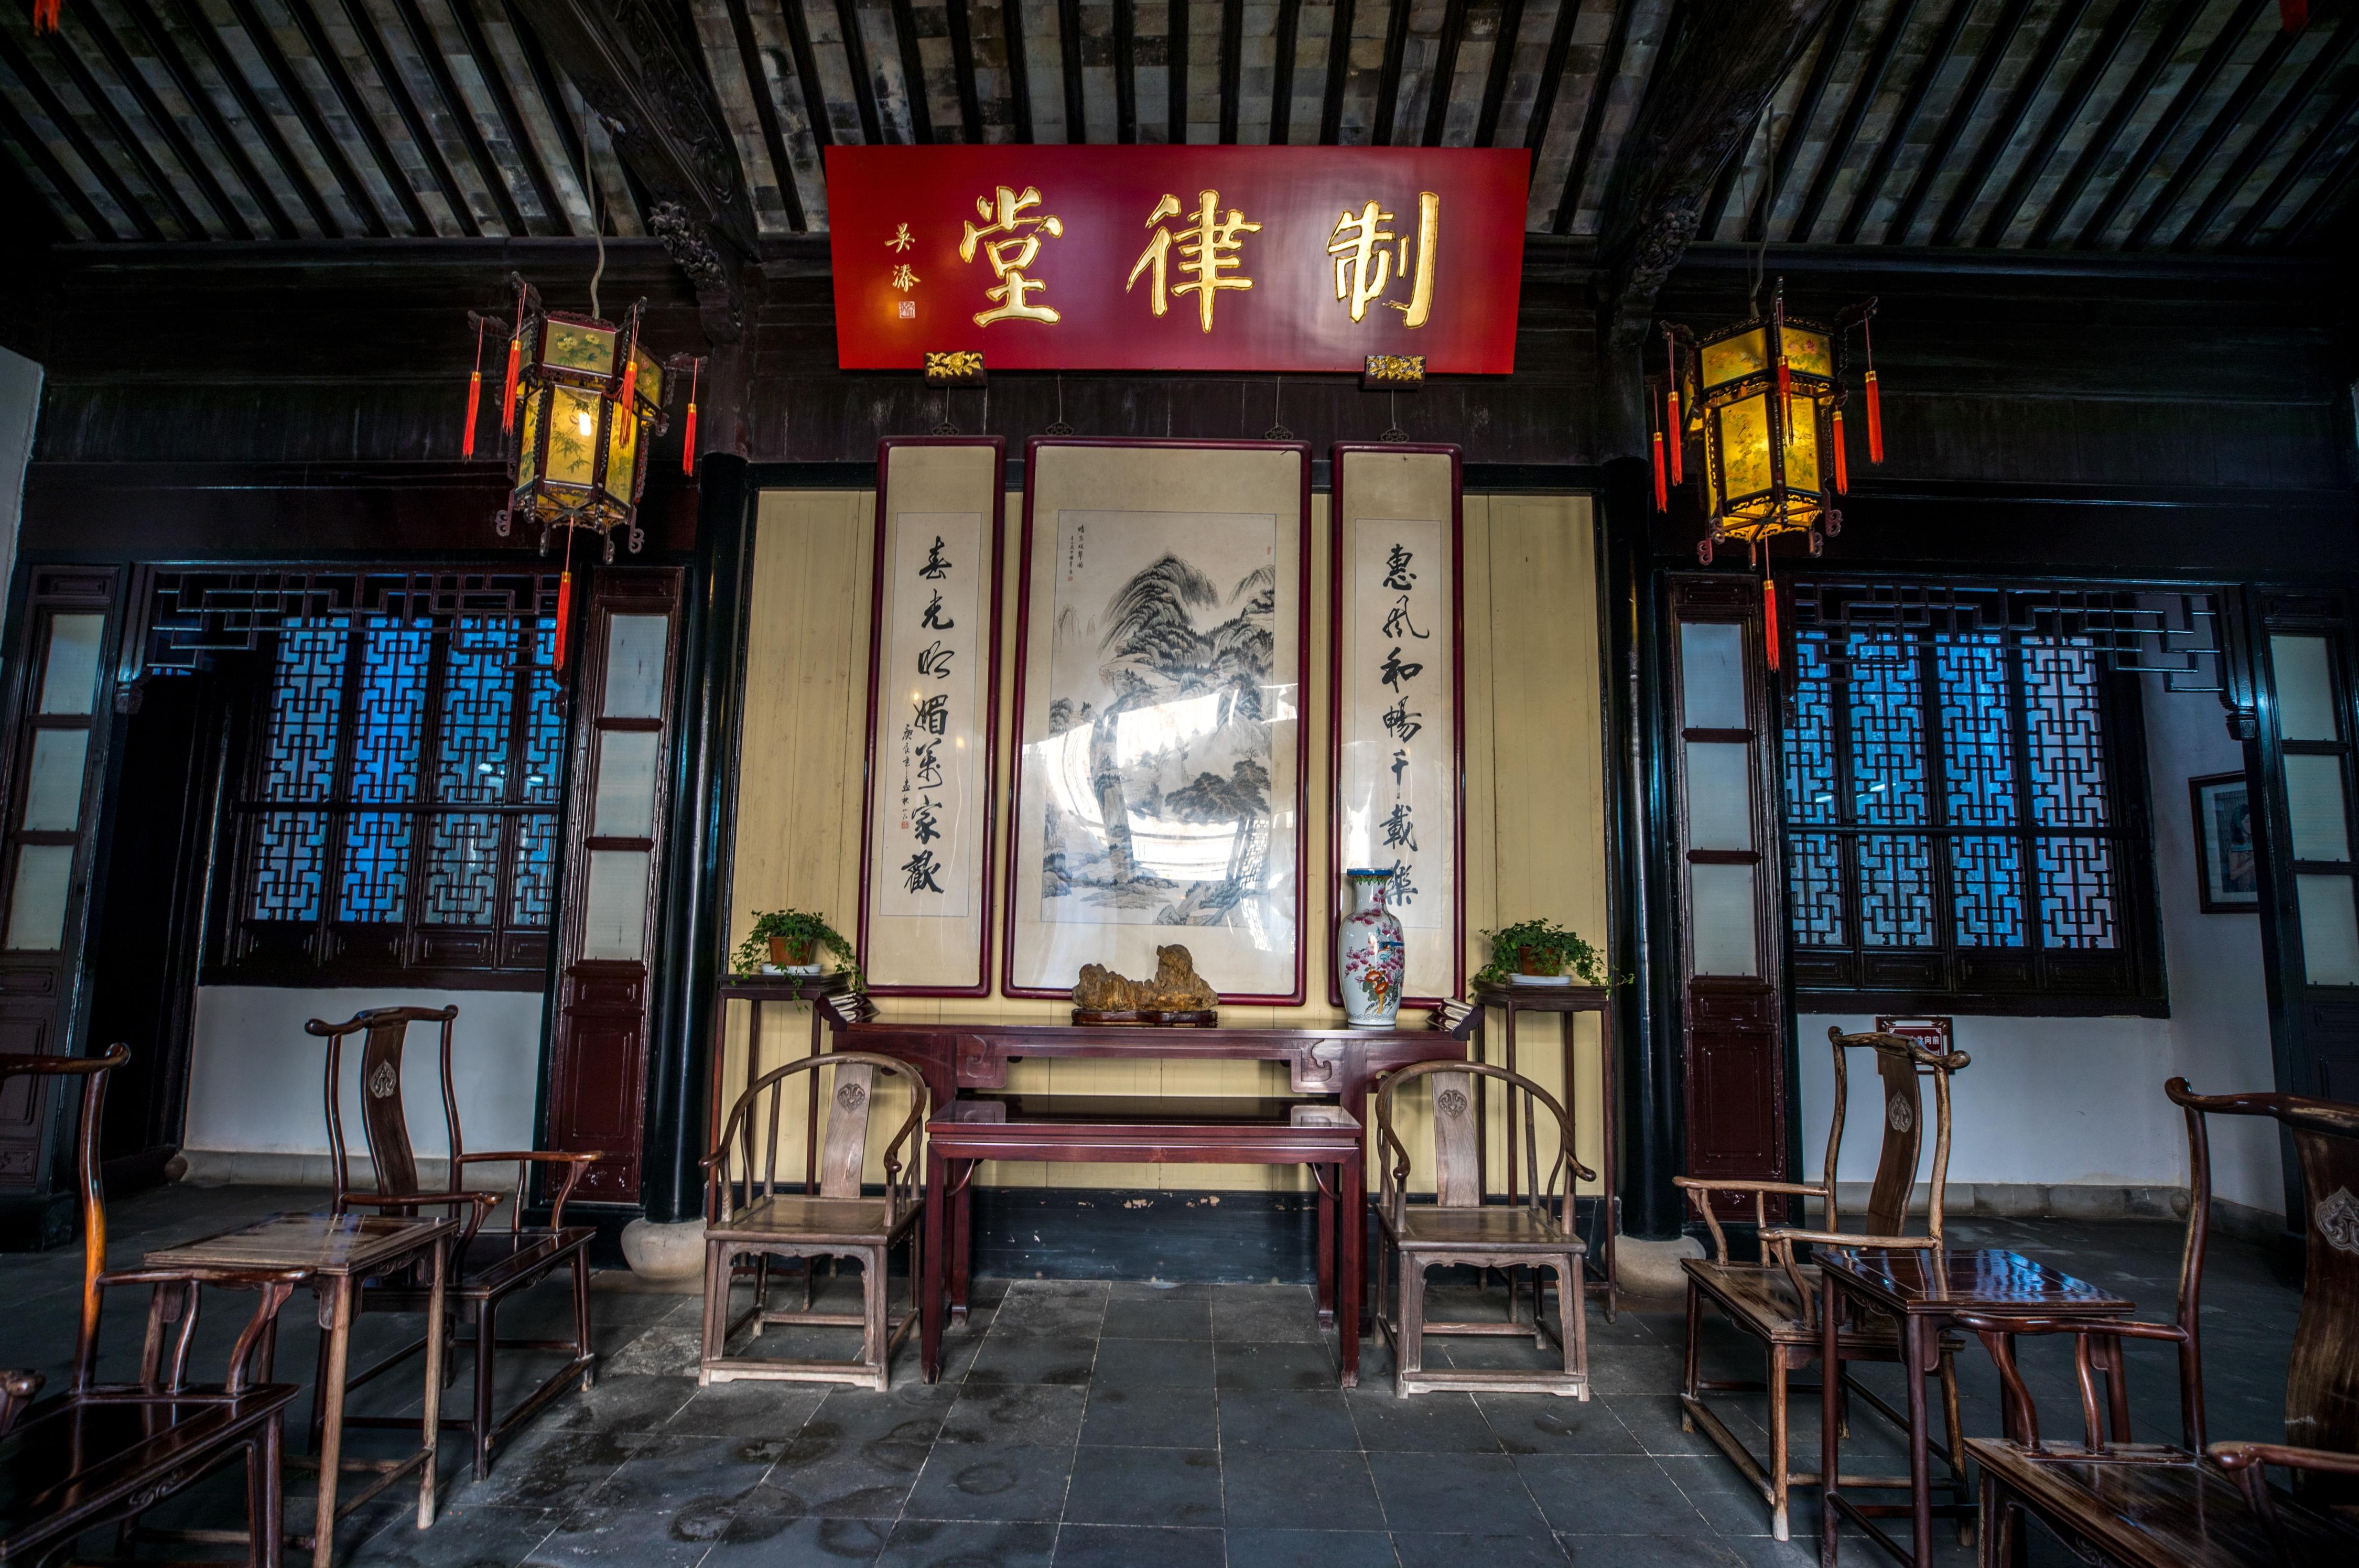 Xiao Fangfang Performing Arts Museum